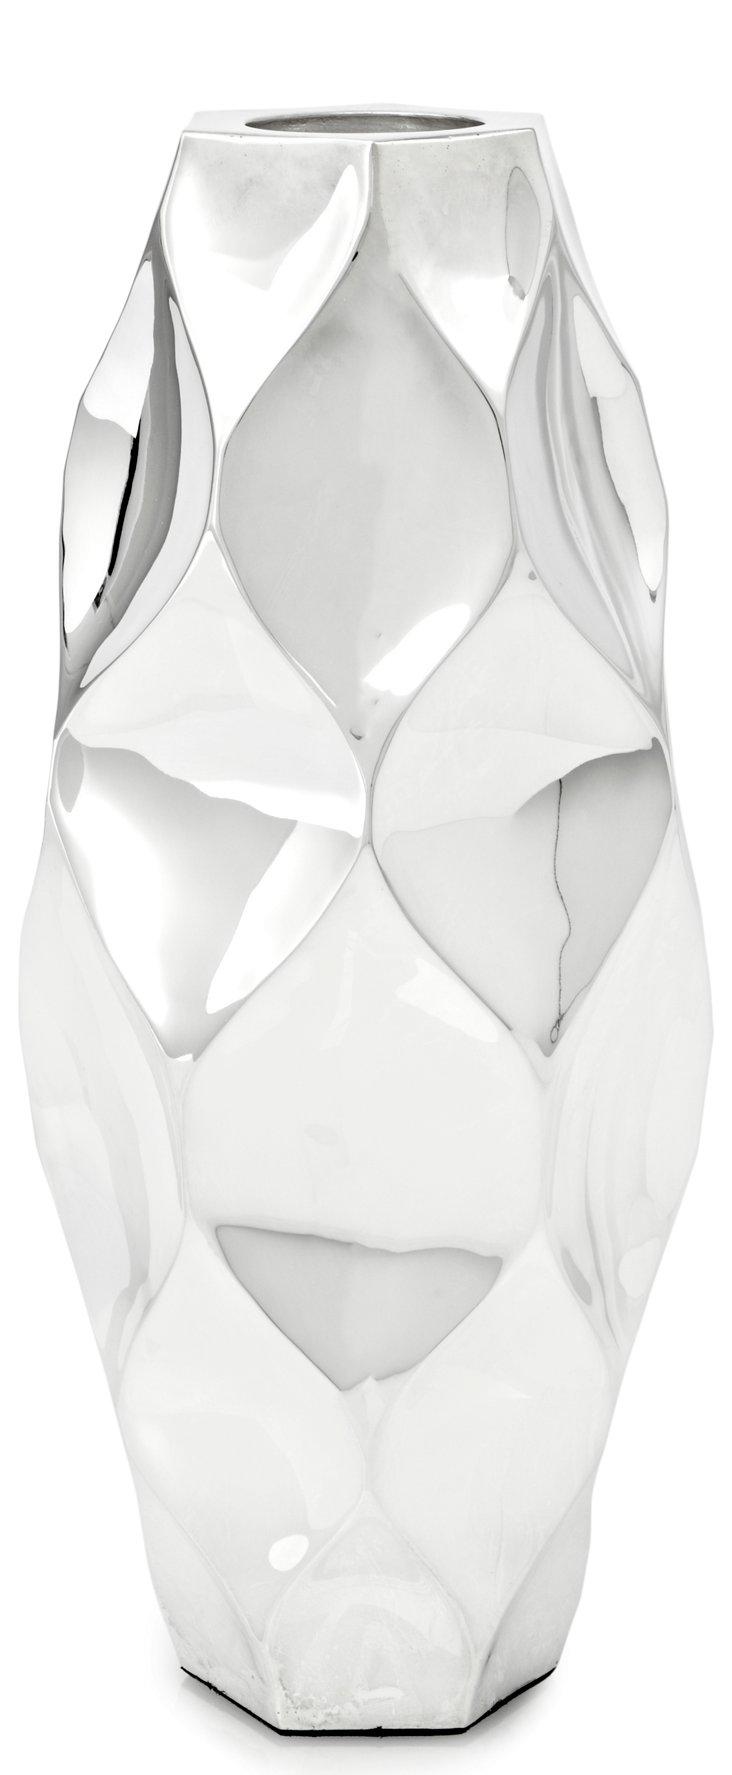 Pena Vase